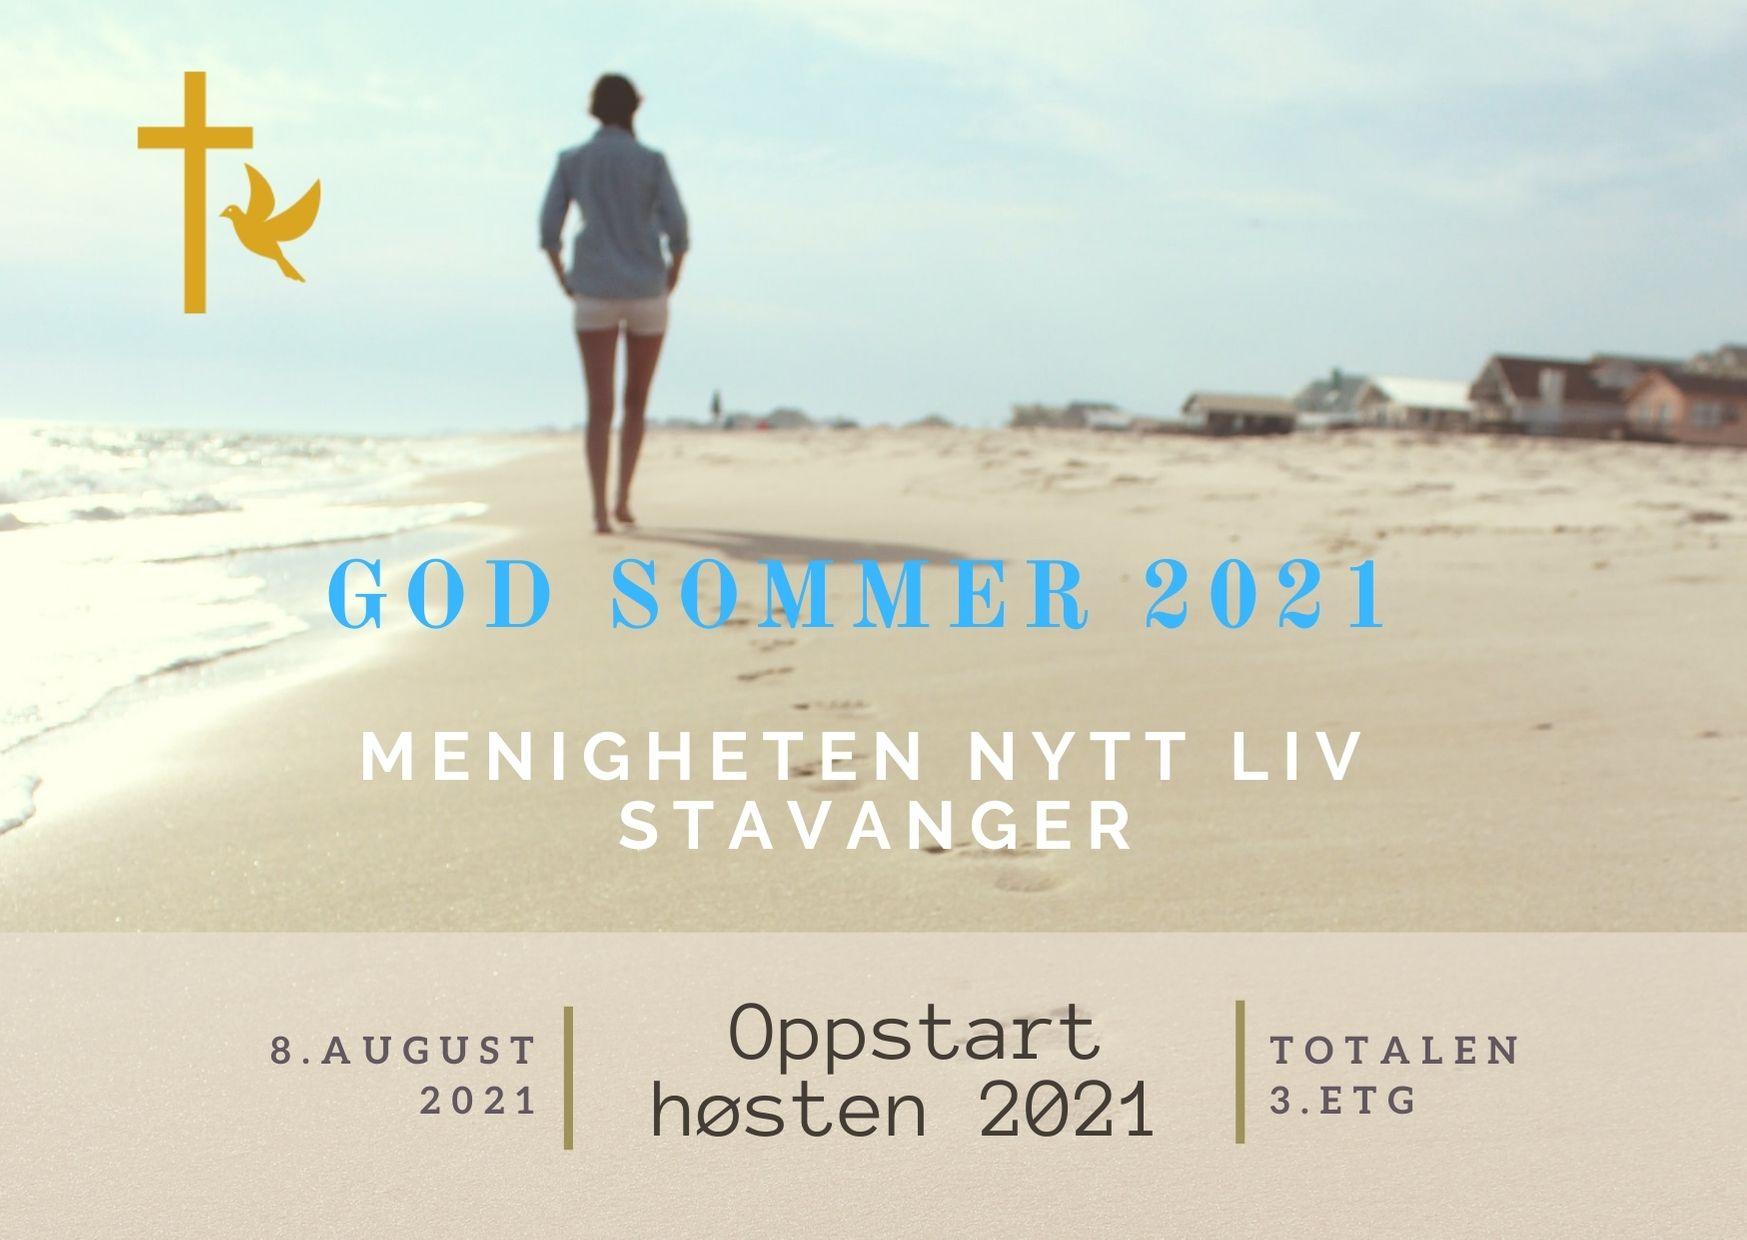 God sommer 2021